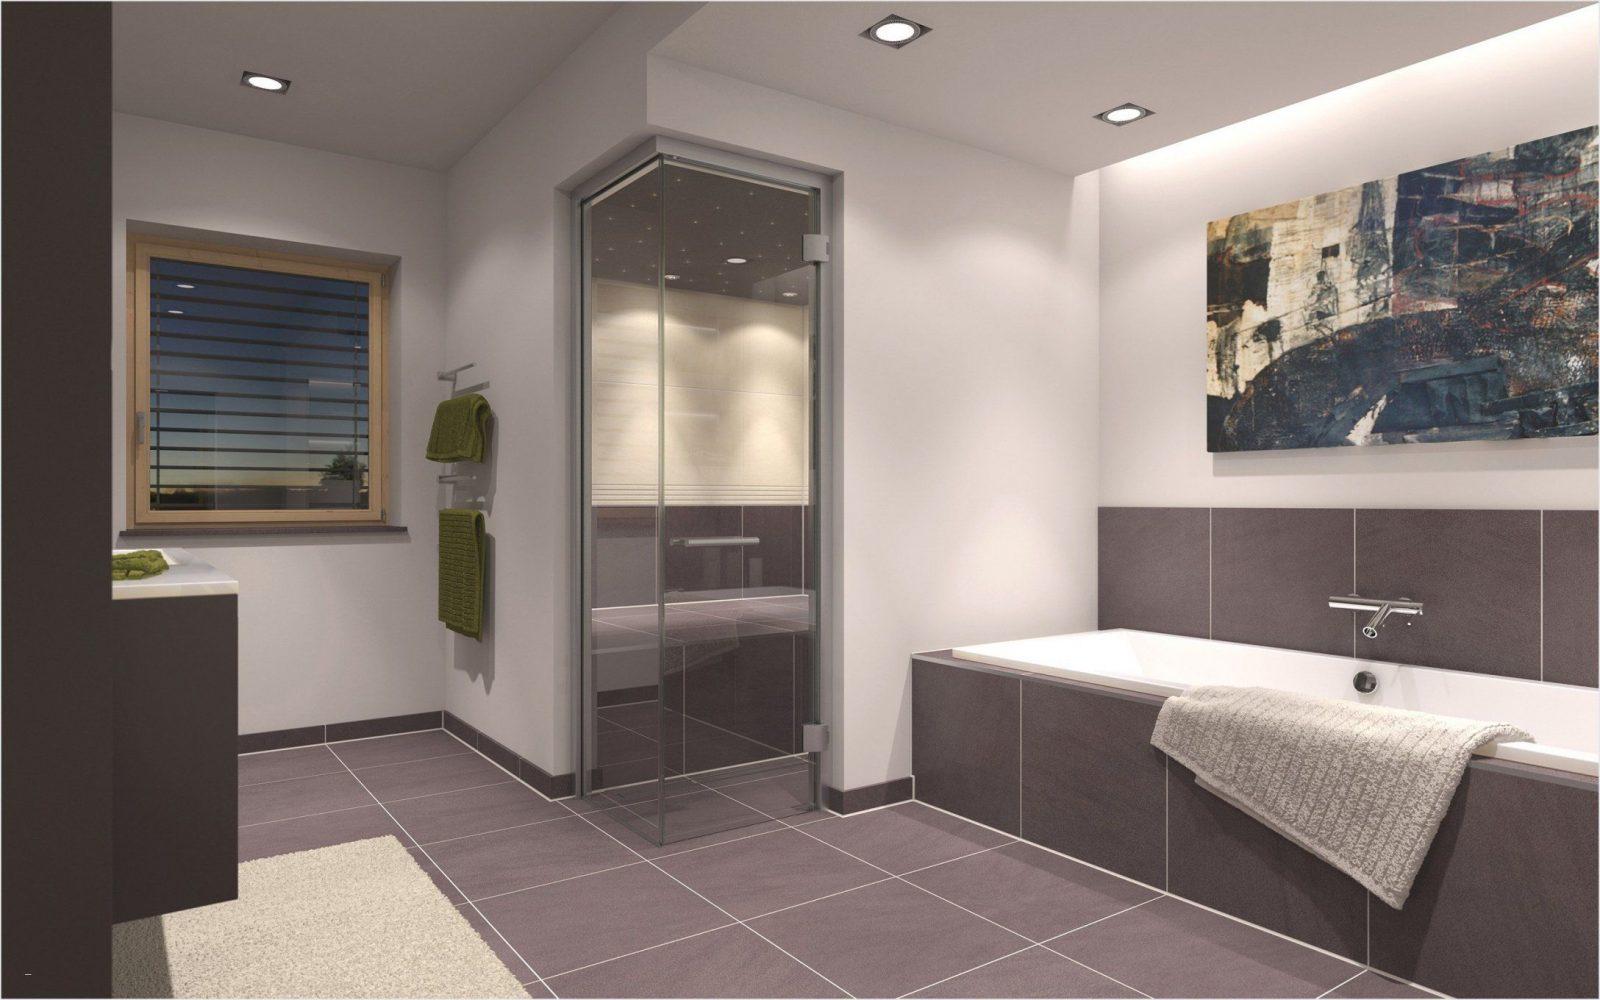 Badezimmer Beispiele 10 Qm Frisch Badezimmer 6 Qm Ideen  Haus von Badezimmer Beispiele 10 Qm Photo